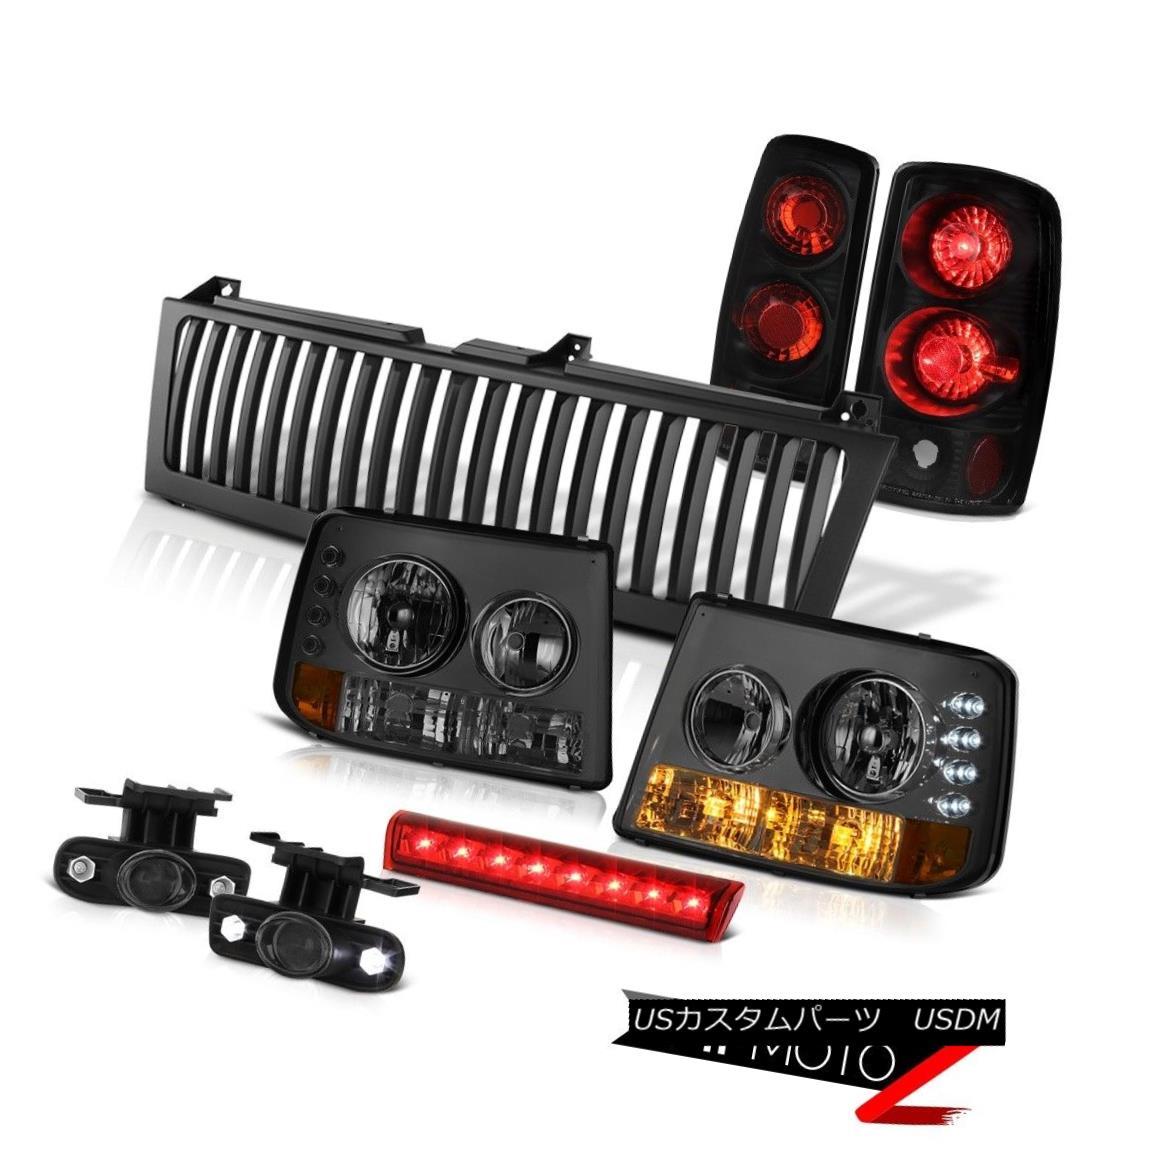 テールライト Smoke Parking Headlights Black Reverse Tail Lights Fog Brake LED Red 00-06 Tahoe スモークパーキングヘッドライトブラックリバーステールライトフォグブレーキLEDレッド00-06タホ